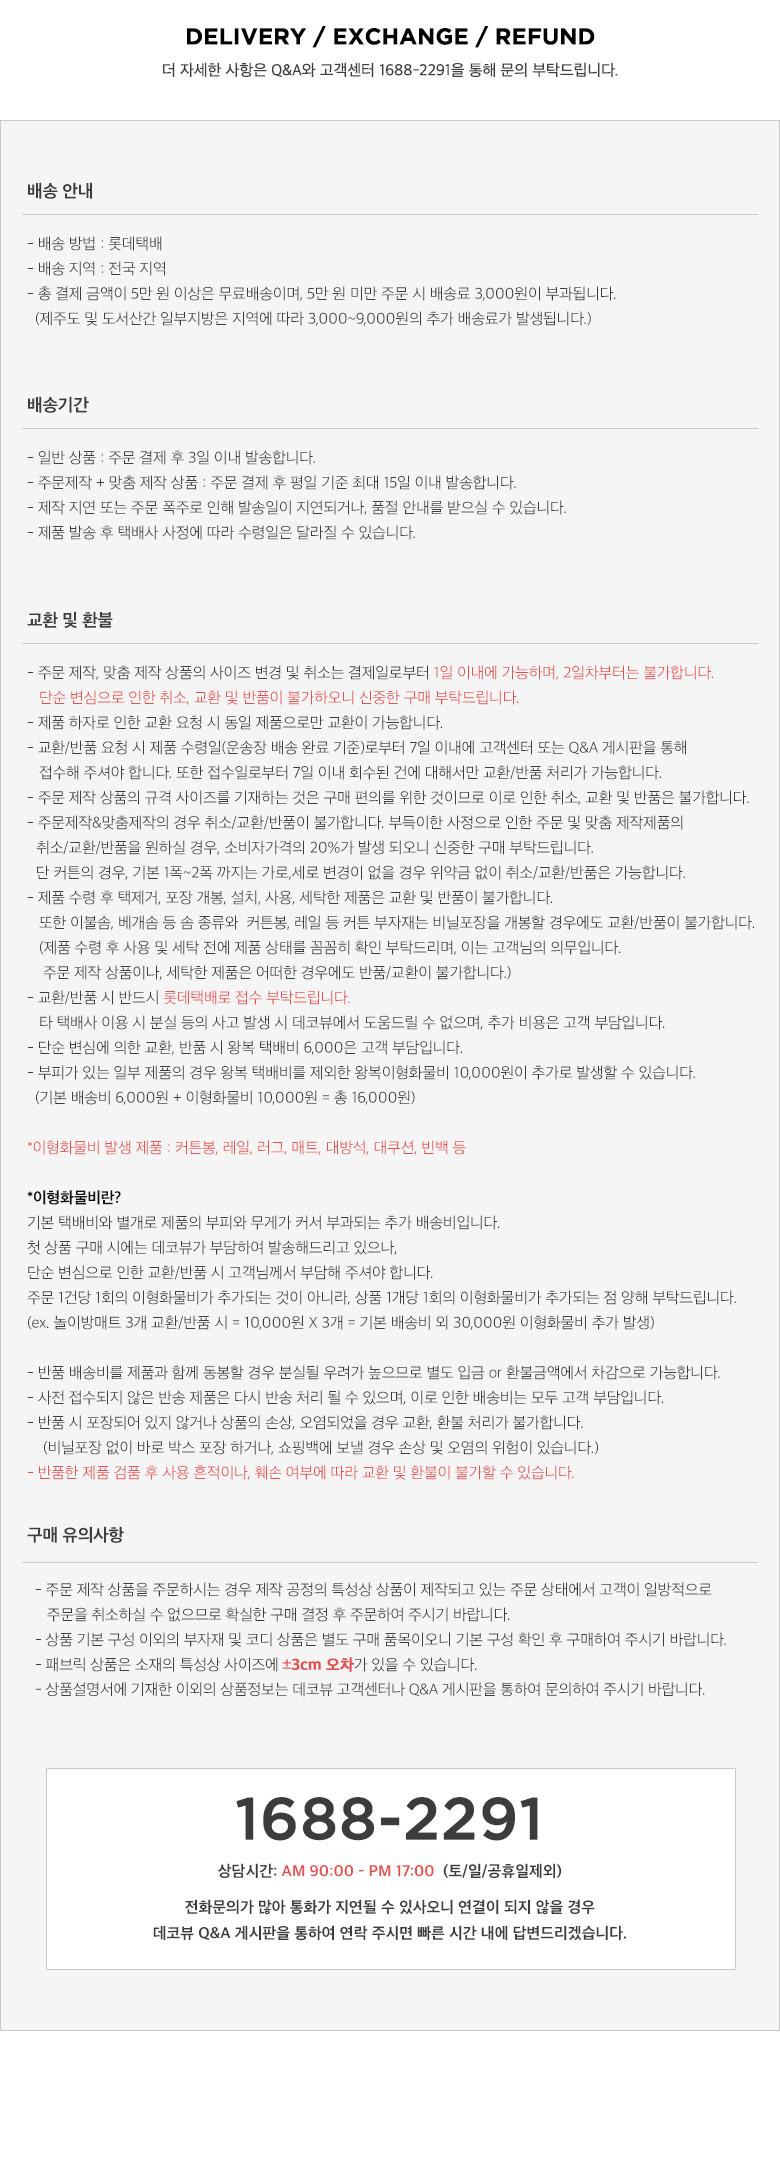 봉쥬르 자수 실내슬리퍼 - 데코뷰엔, 15,000원, 실내화/슬리퍼, 캐릭터